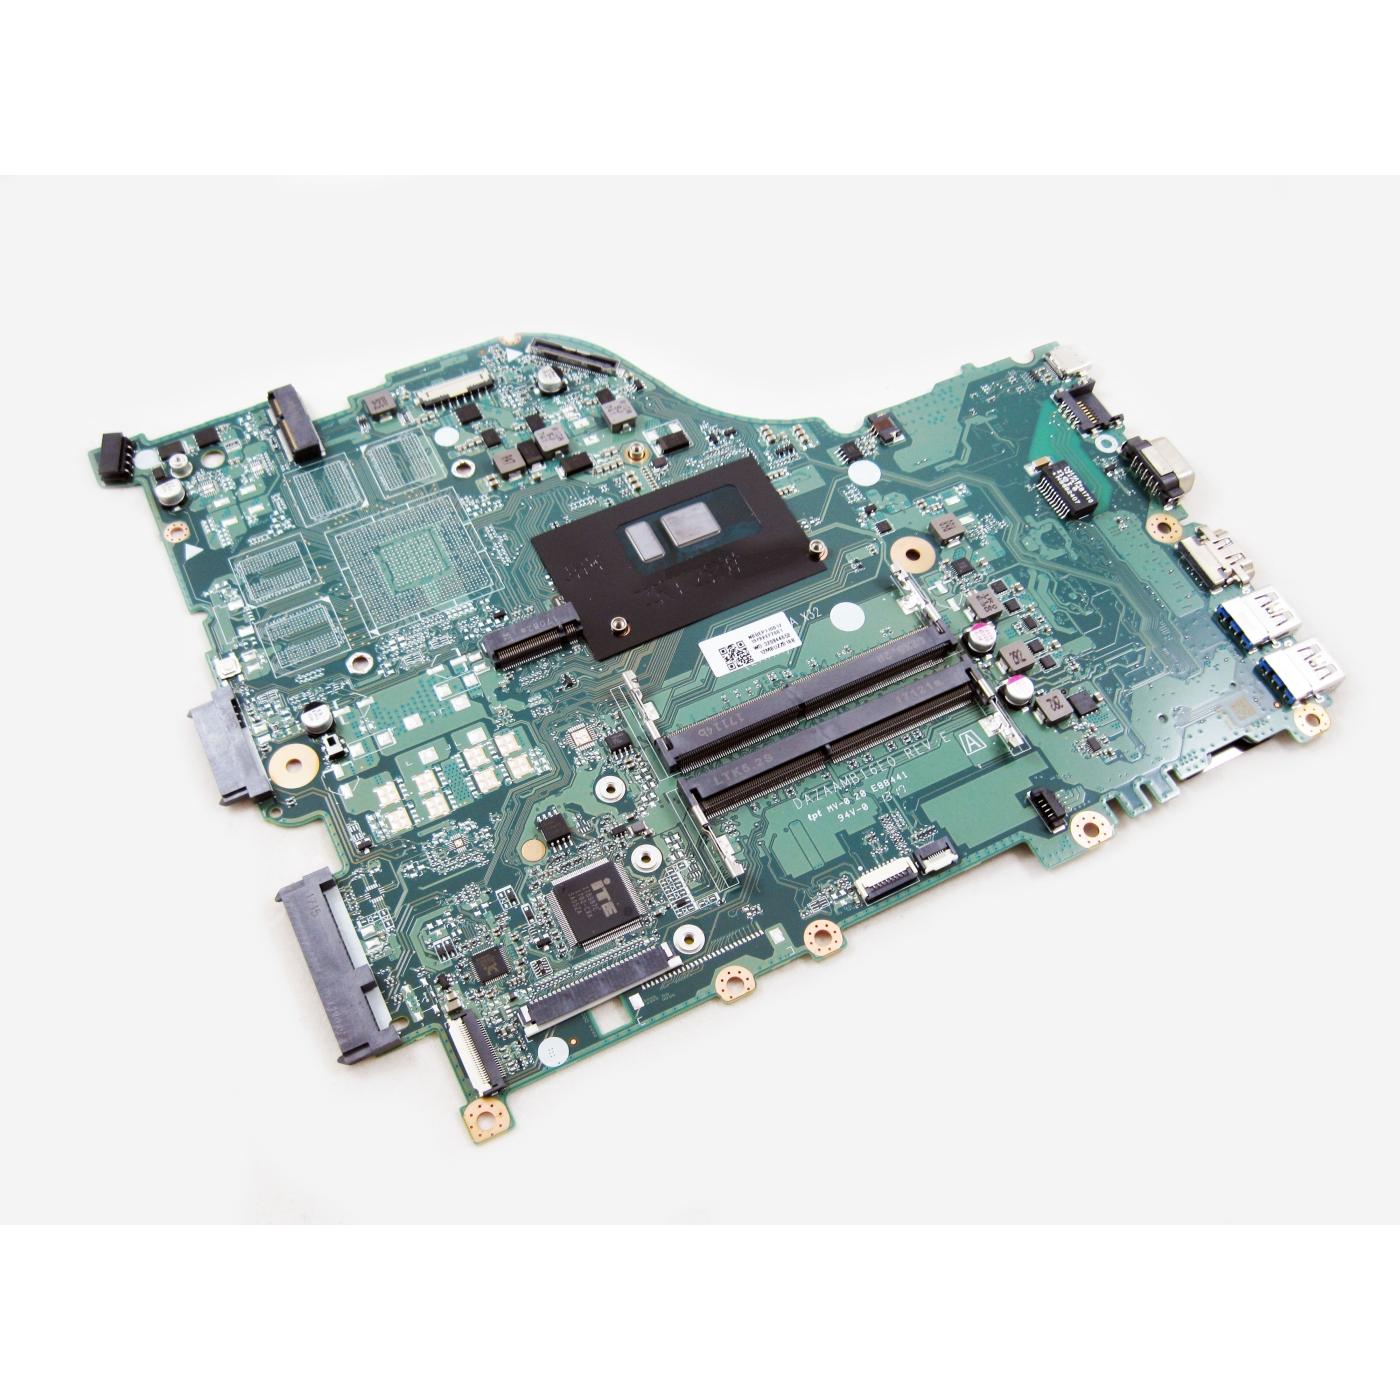 Acer NB.GEP11.001 Aspire E5-774 F5-771 I5-7200U Uma Notebook Motherboard